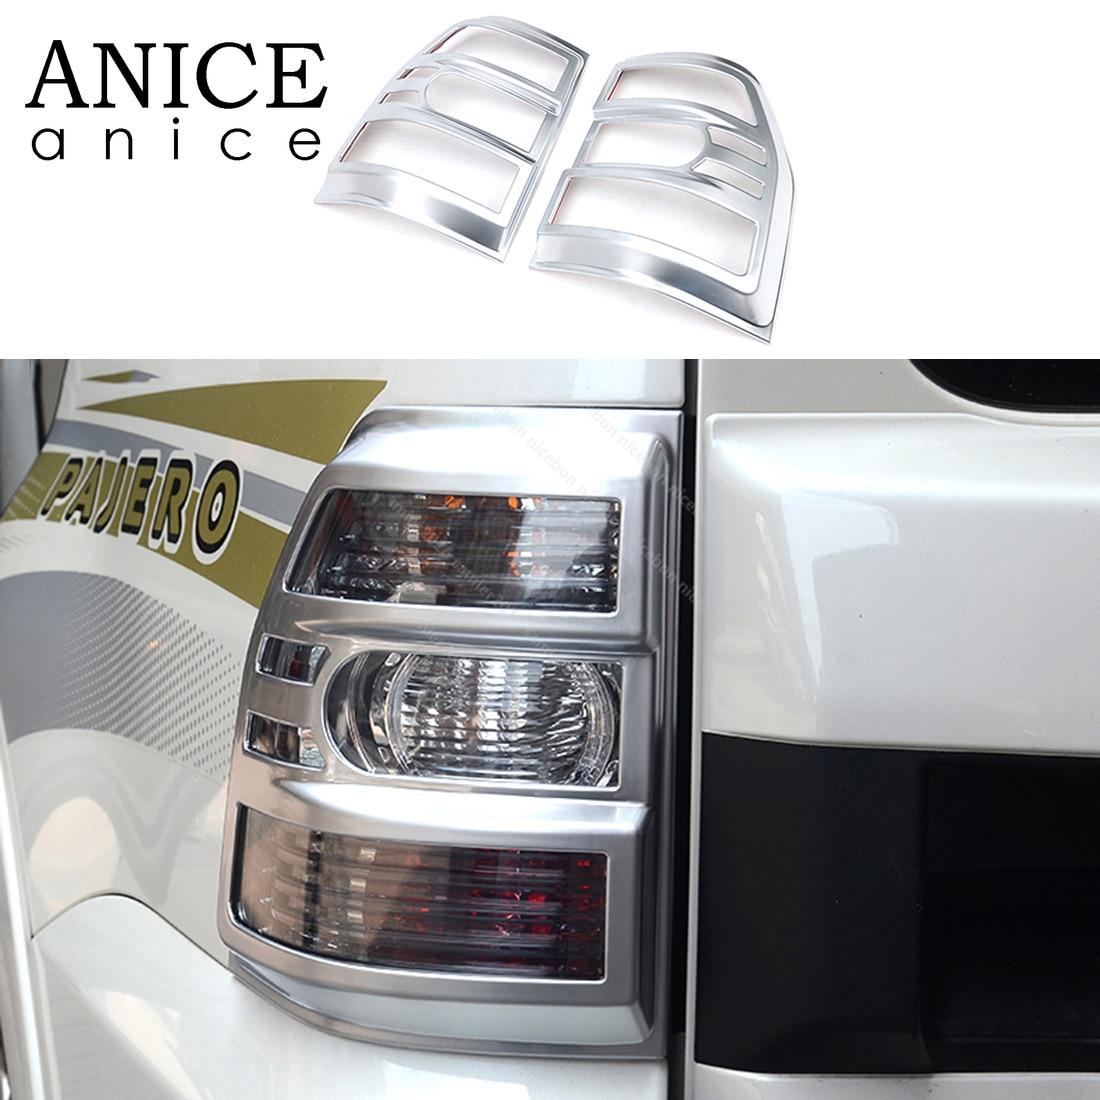 Комплект из 2 предметов хвост светильник задняя крышка лампы для Mitsubishi PAJERO 2007 2008 2009 2010 2011 2012 2013 2014 2015 2016 2017 2018 2019-in Наклейки на автомобиль from Автомобили и мотоциклы